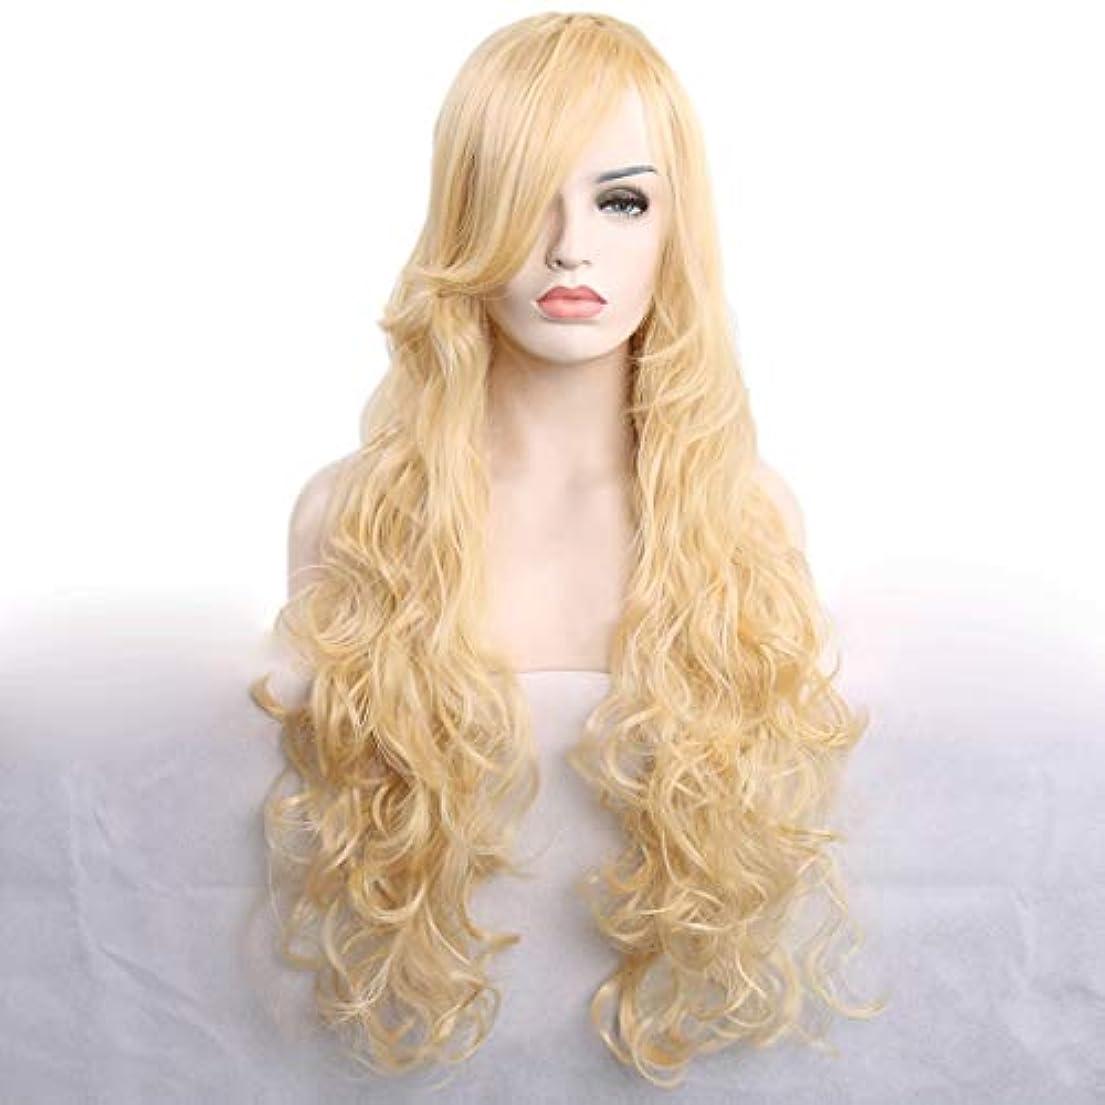 元気こっそり砂ロングカーリーウィッグコスプレカラー斜め前髪ウィッグキャップ (Color : Gold)